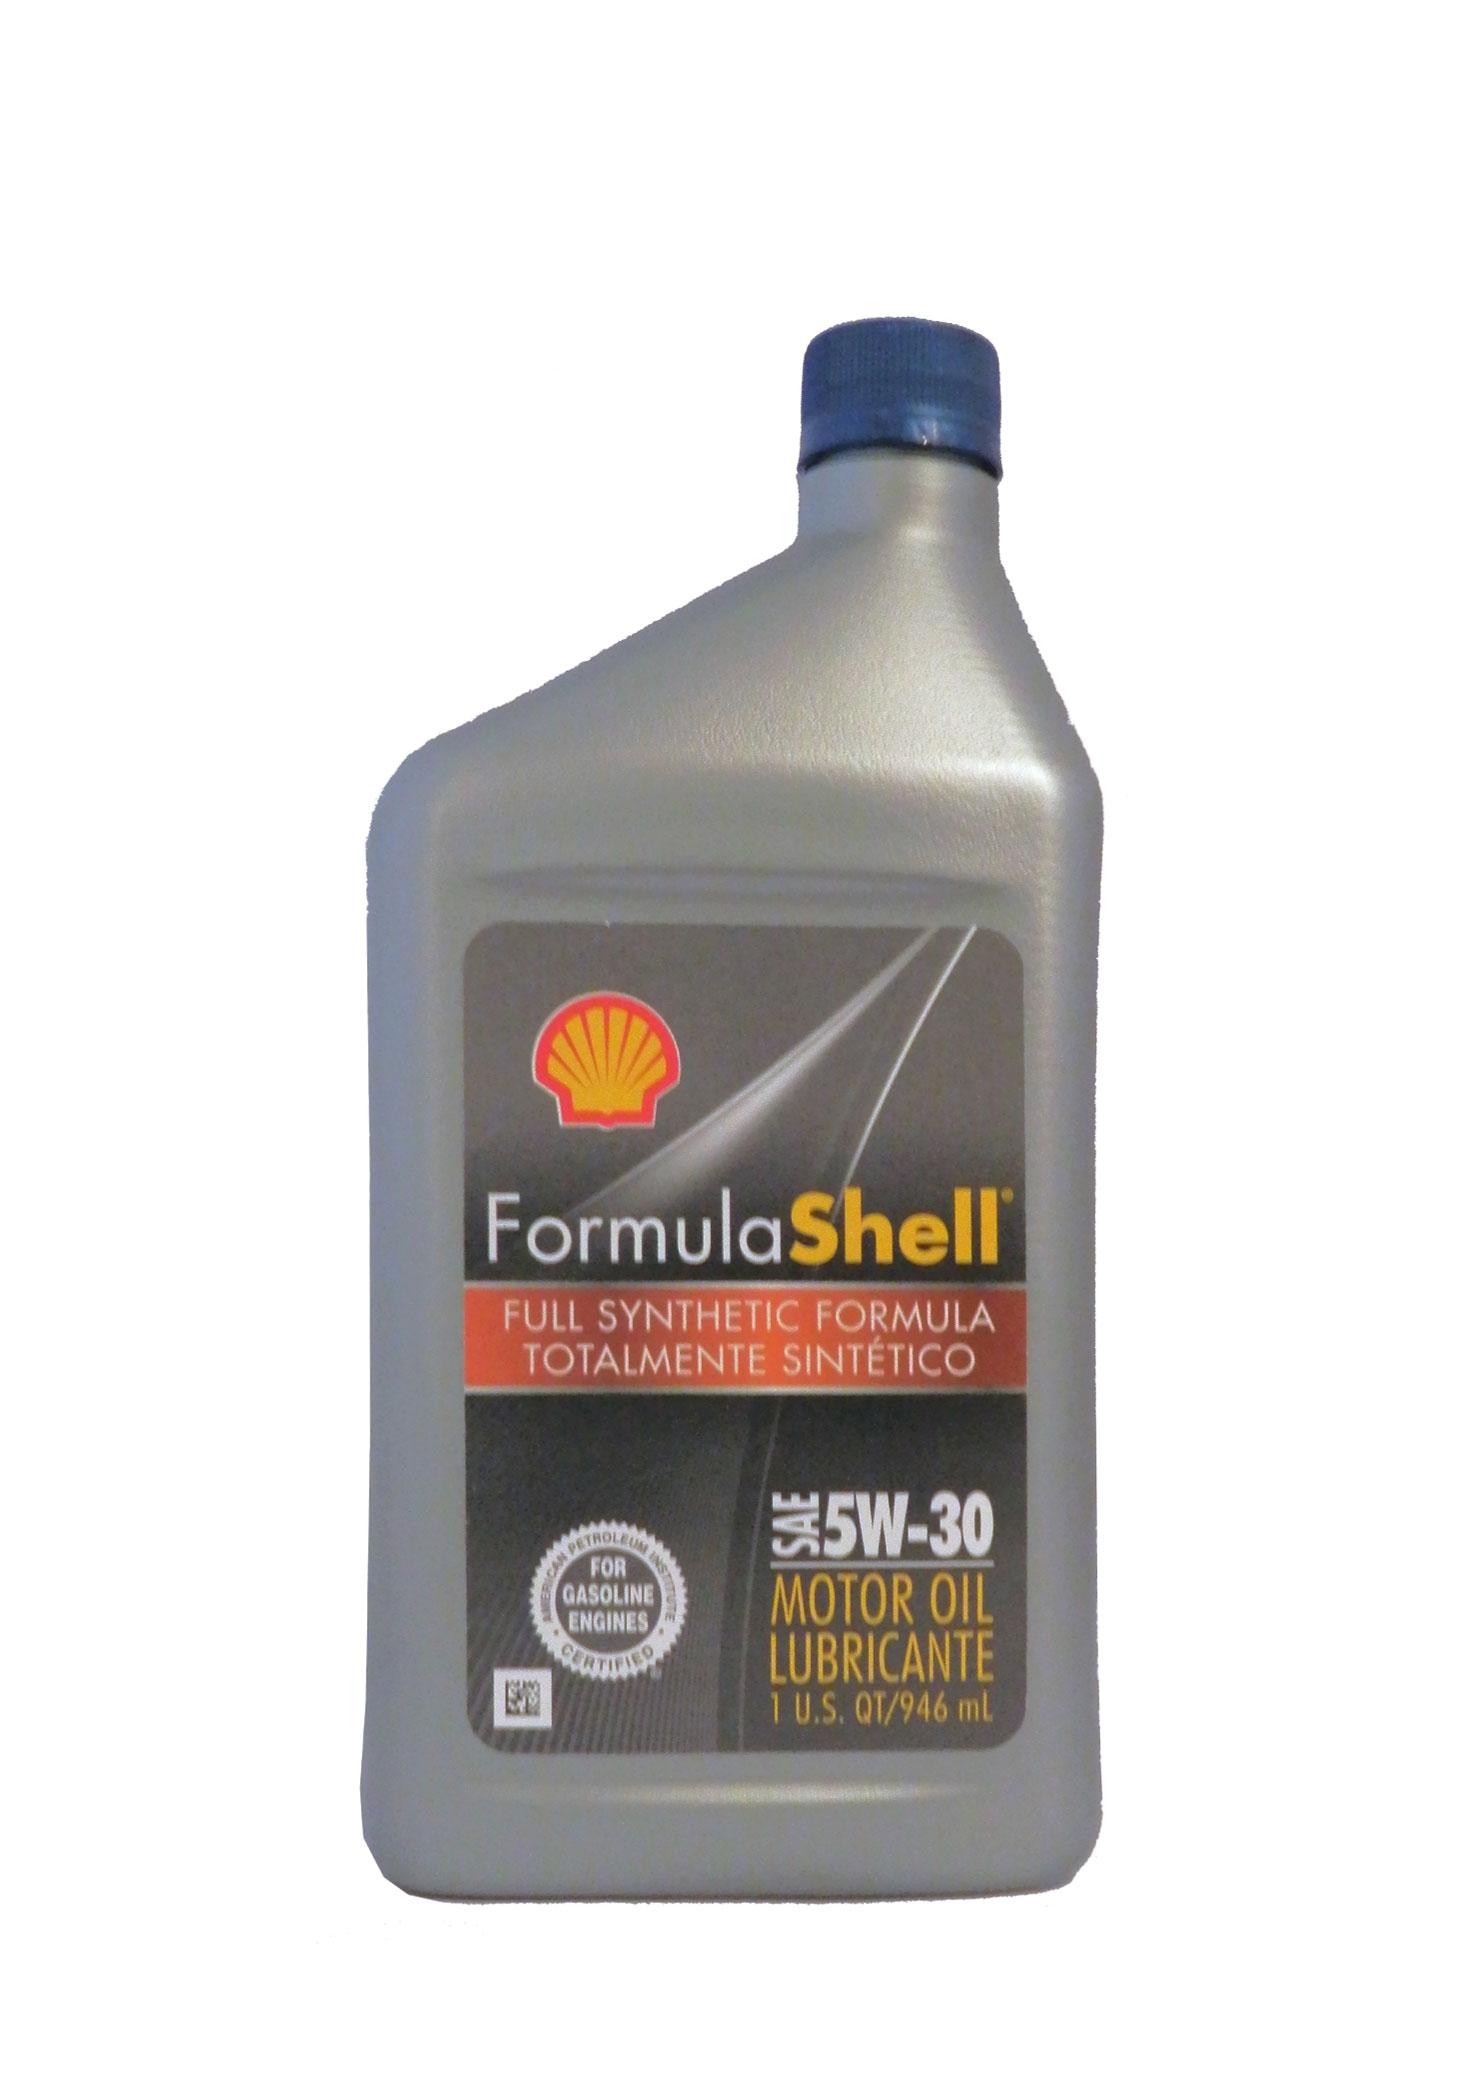 for Formula shell motor oil